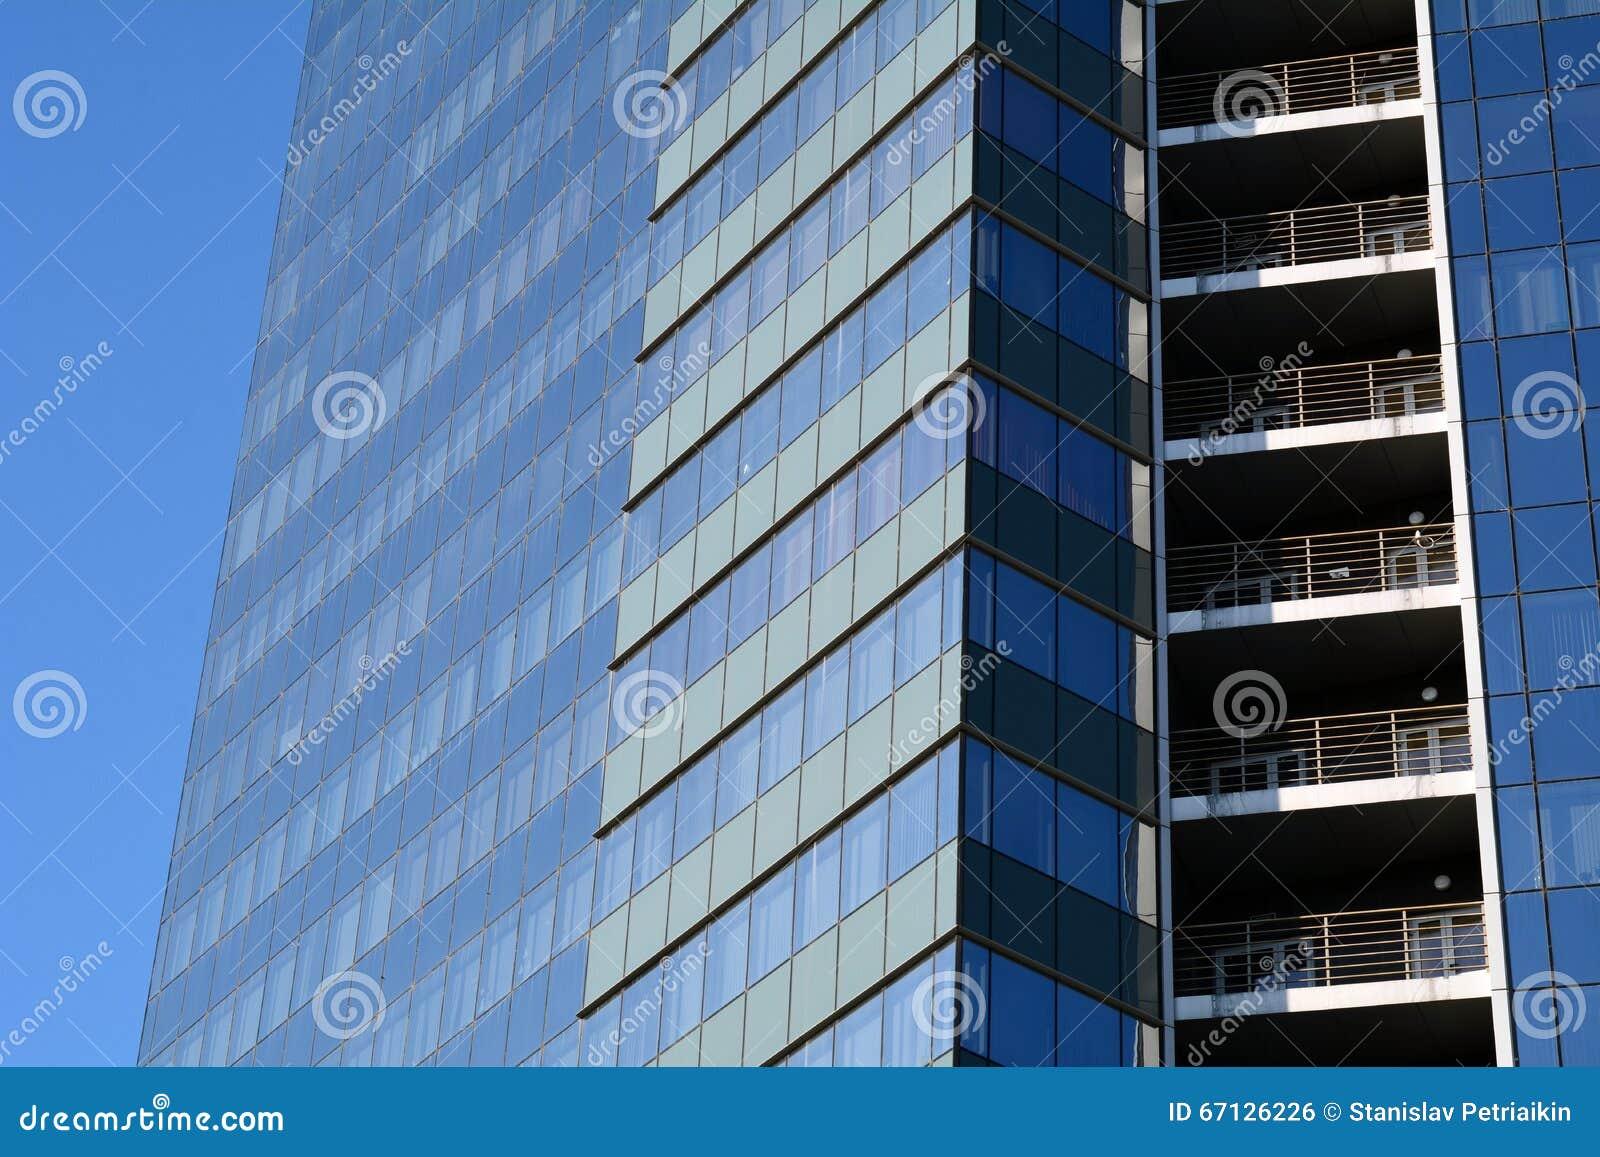 B timent commercial de fenêtres bleues modernes de bureau gratte